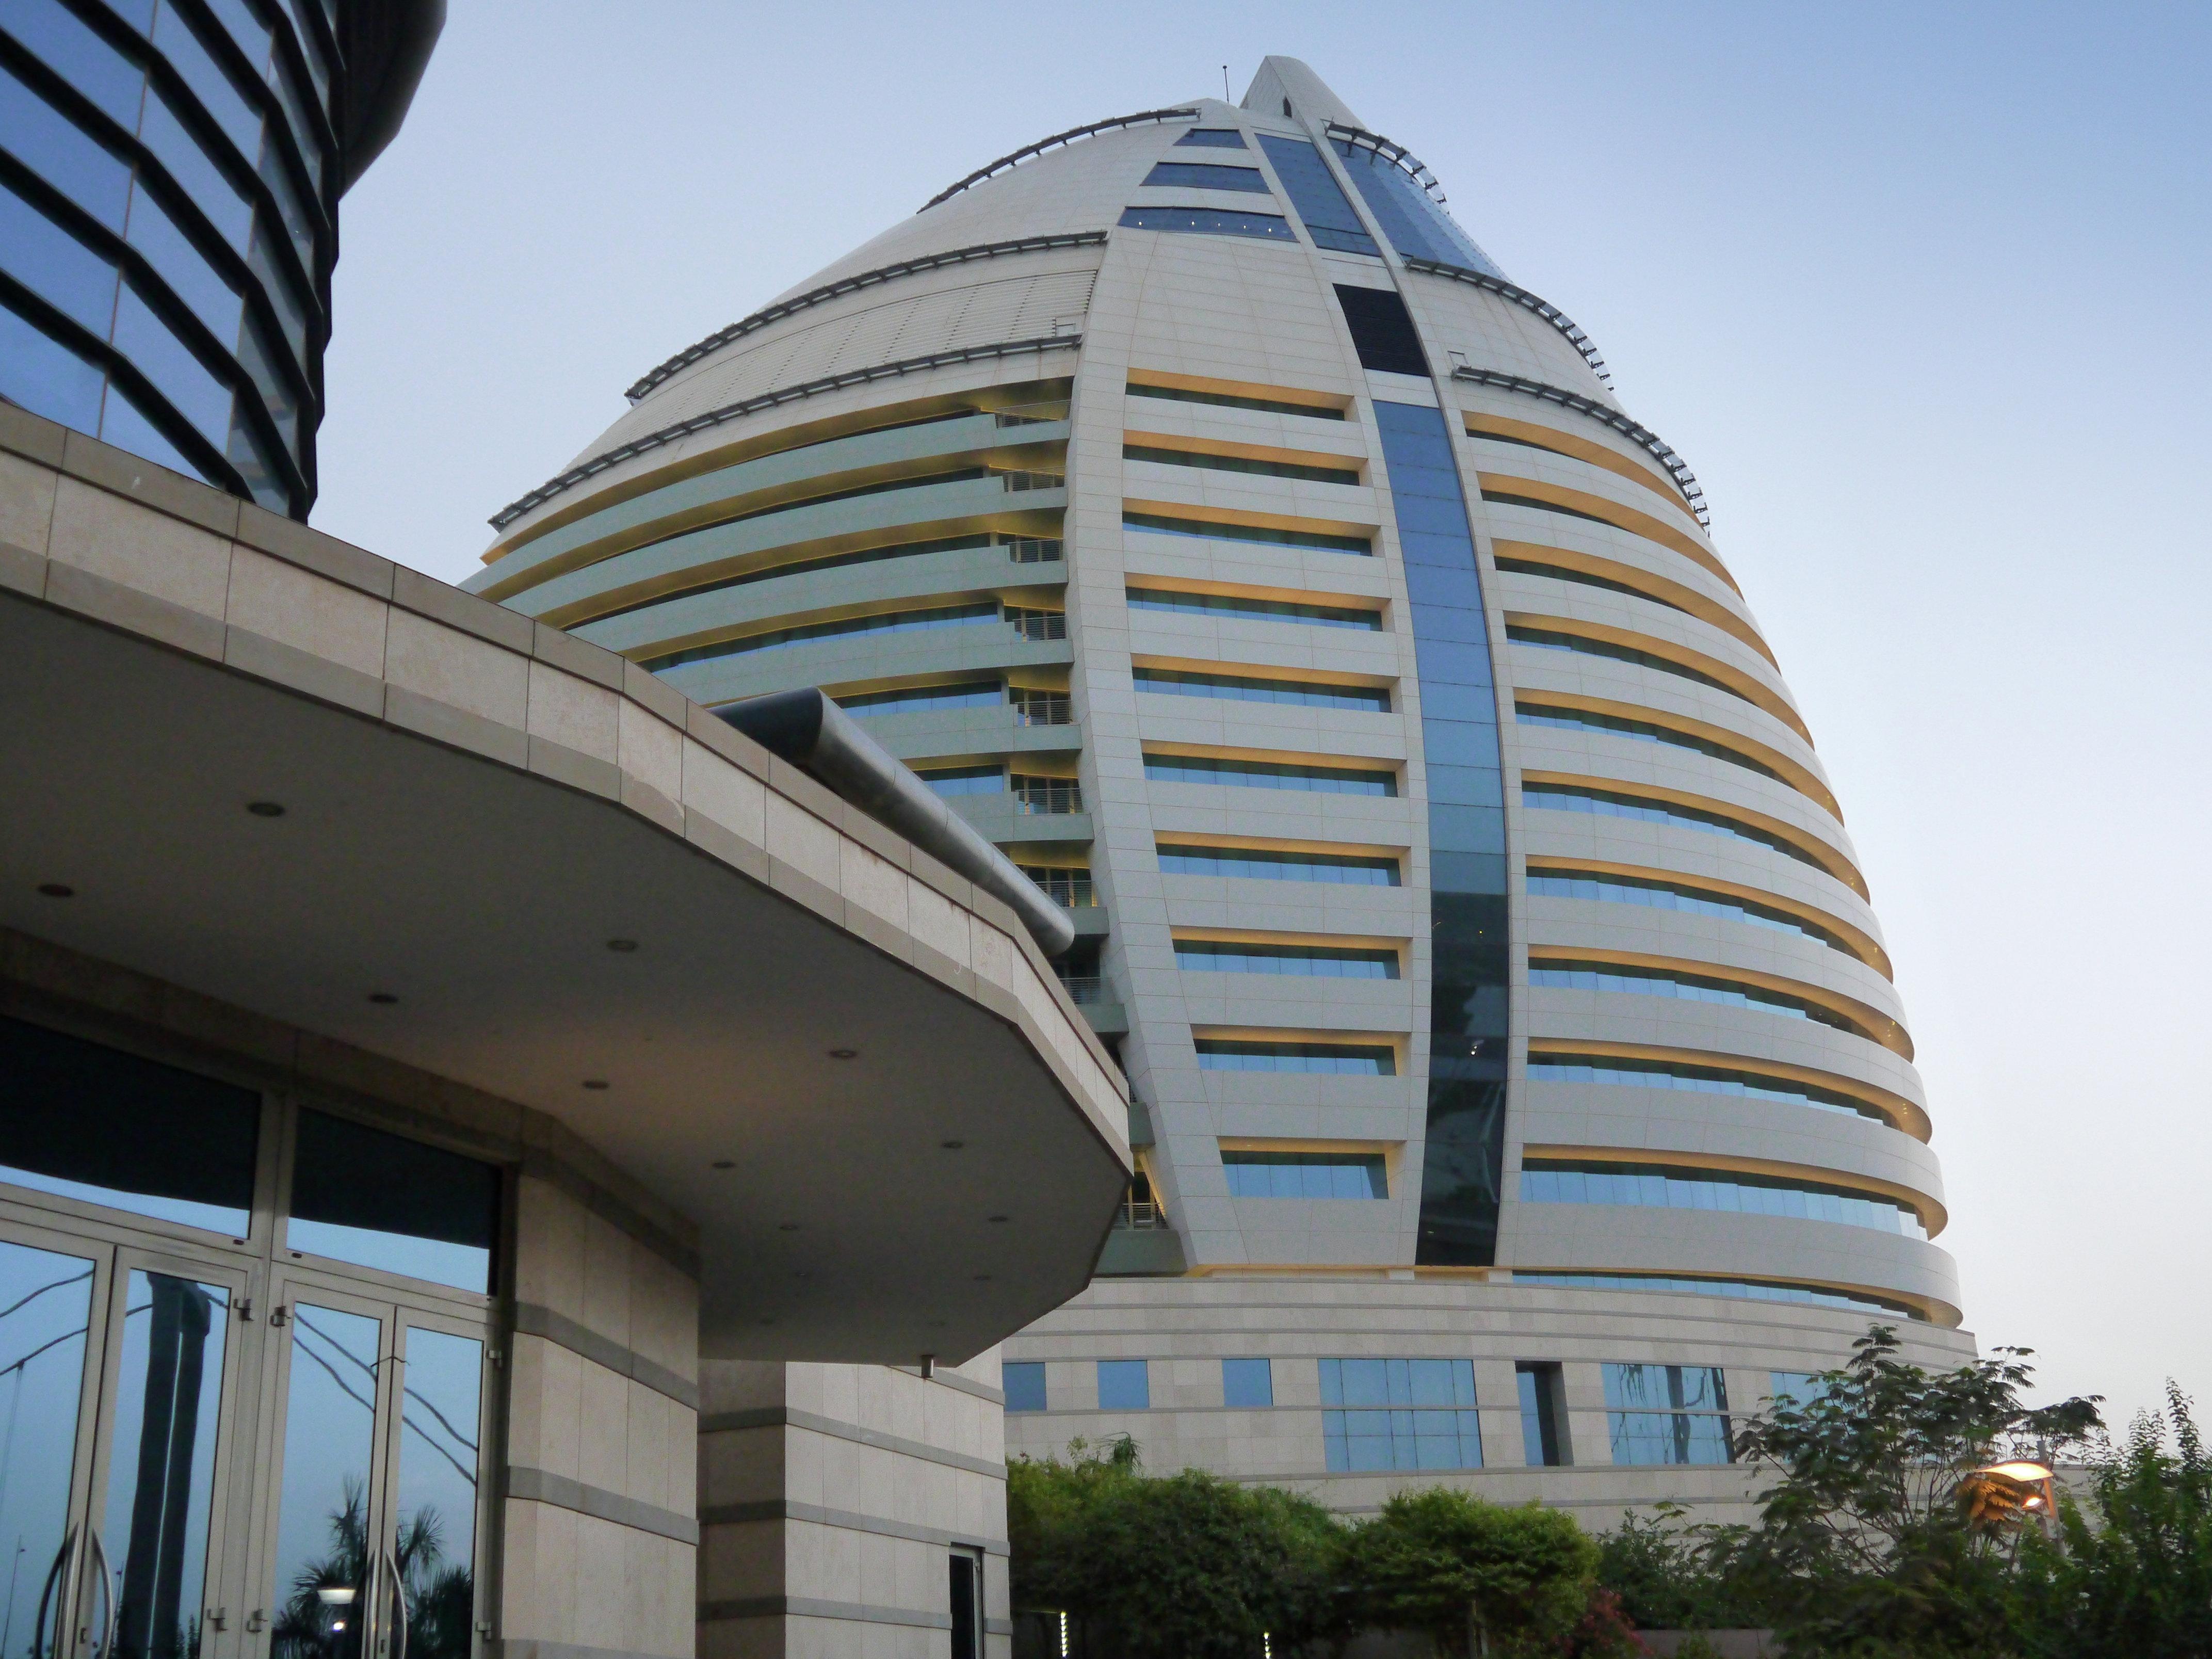 Corinthia Hotel, Khartoum